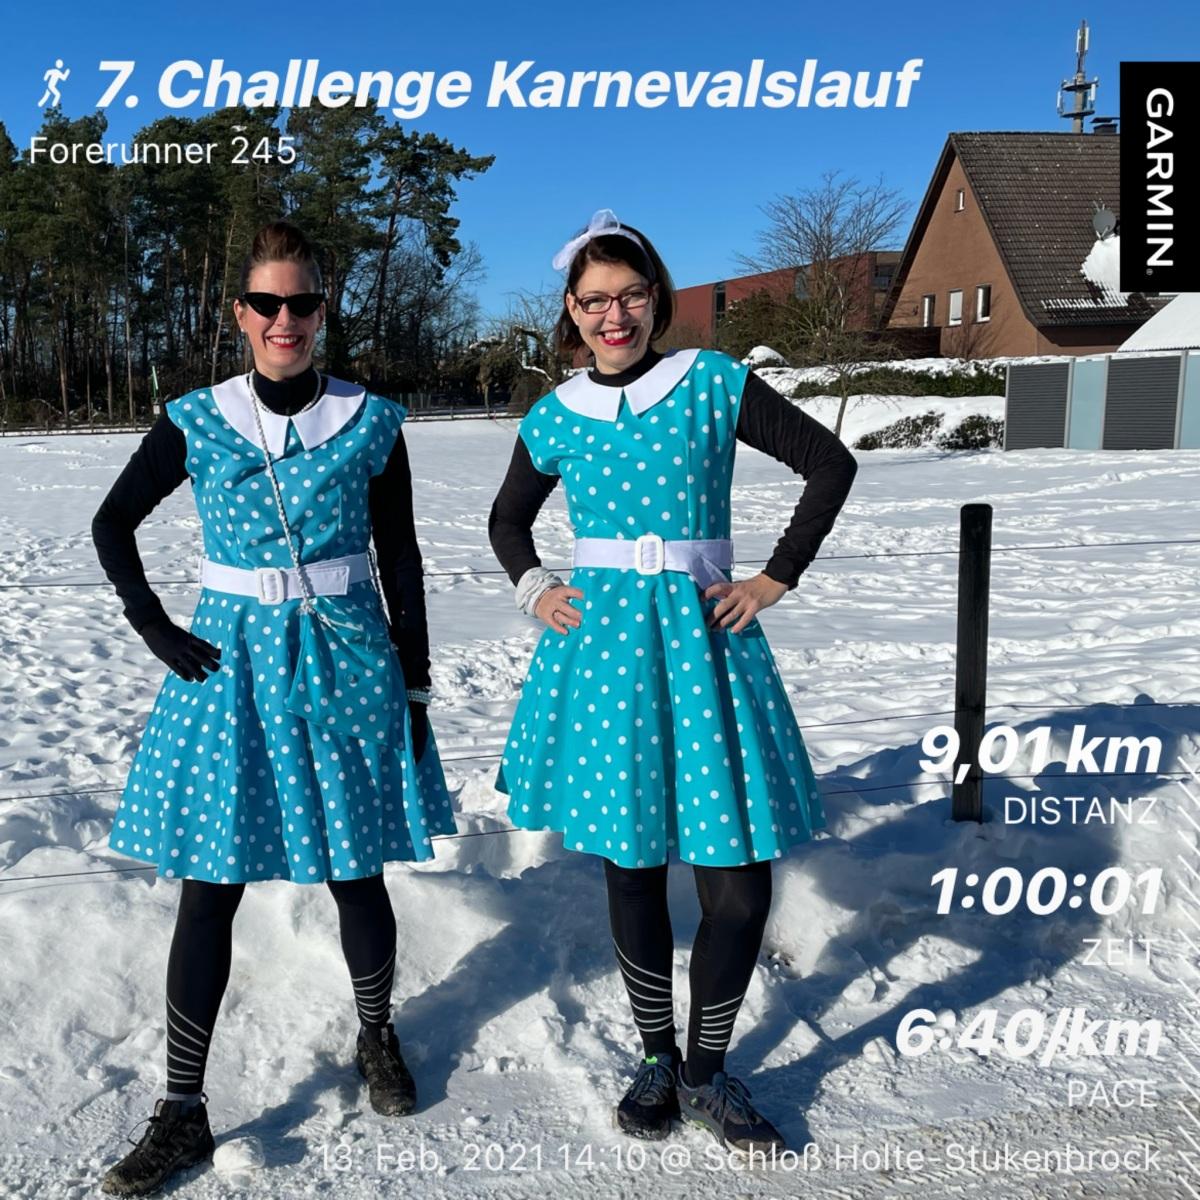 Scheideler-Sabrina-7-Challenge-Karnevalslauf-j3JSJ